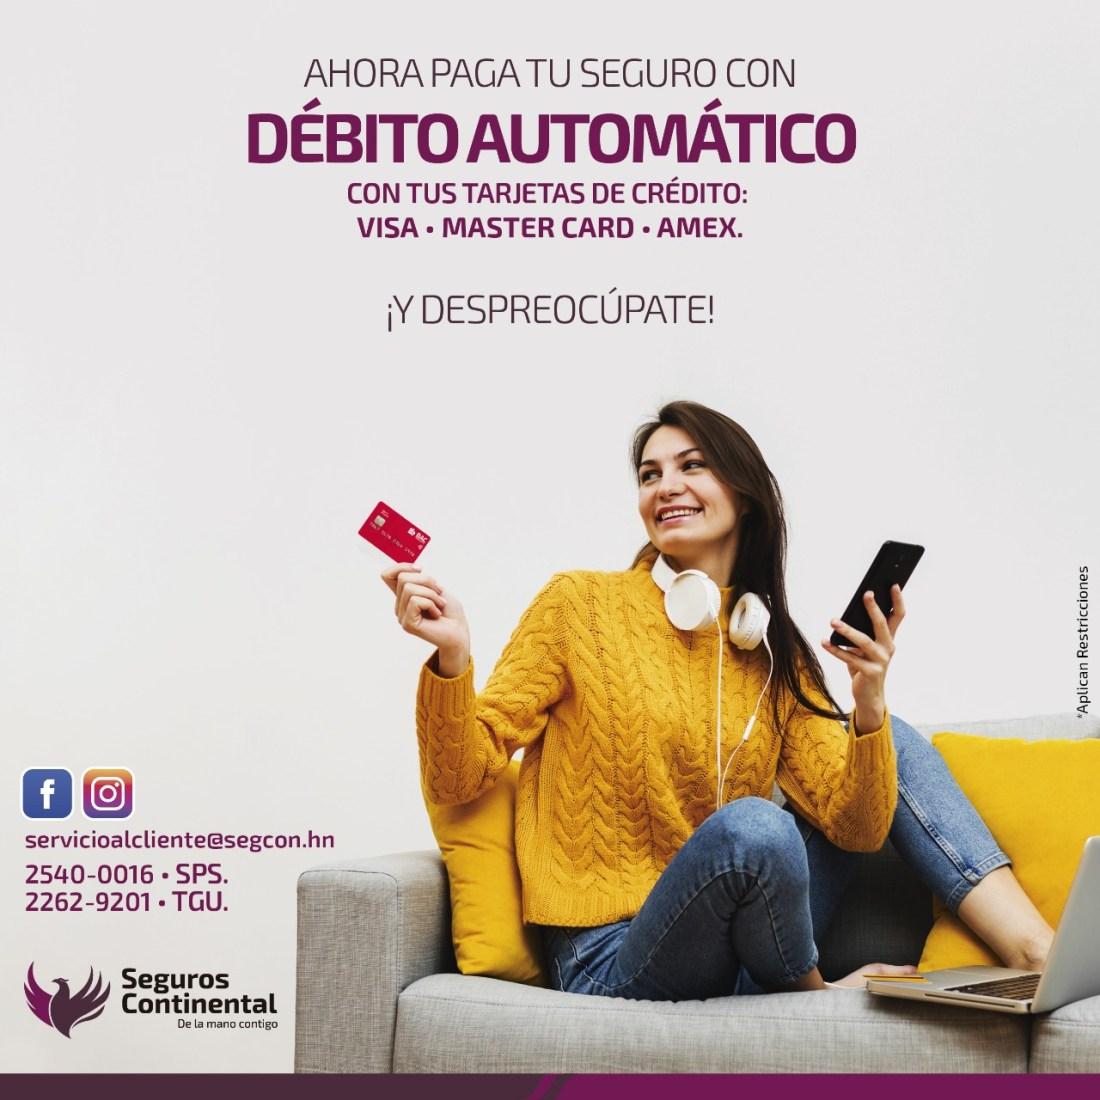 Debito Automatico